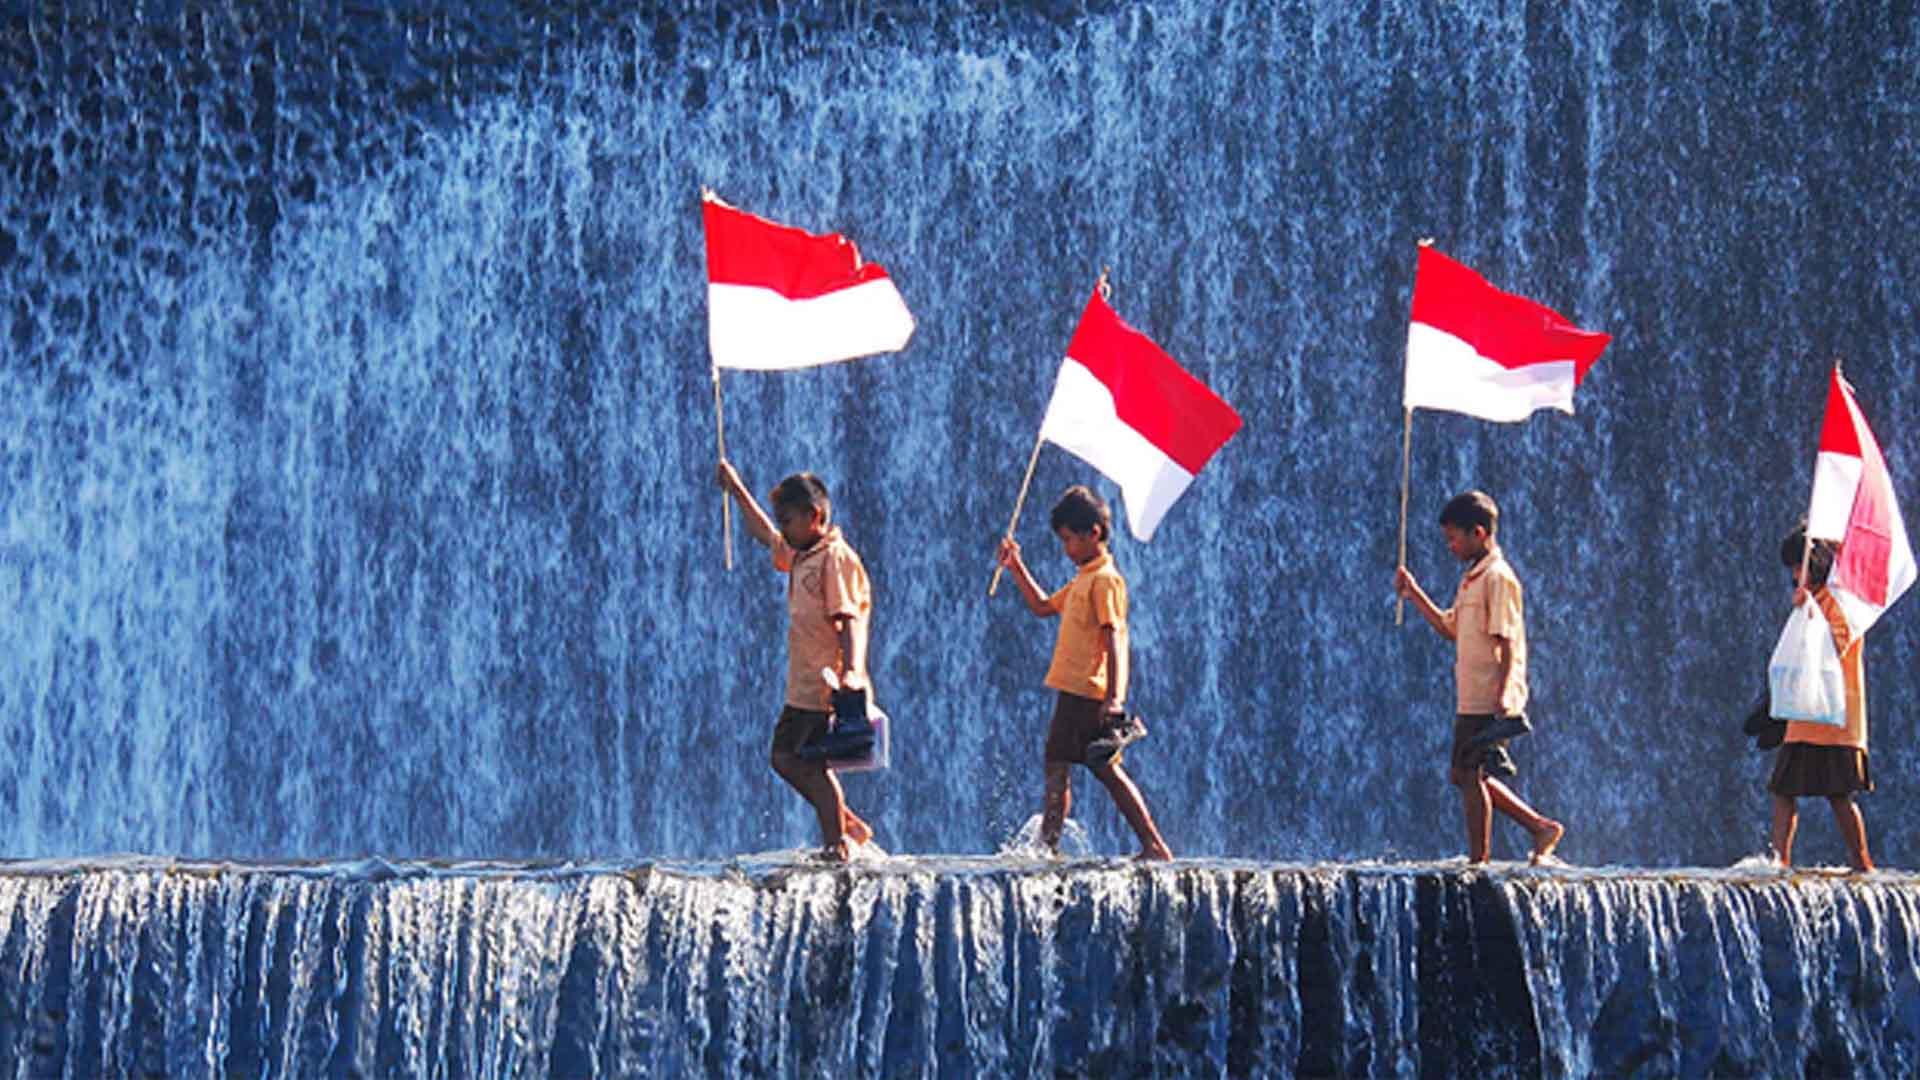 daftar lengkap hari besar indonesia dan alasannya - rio bermano